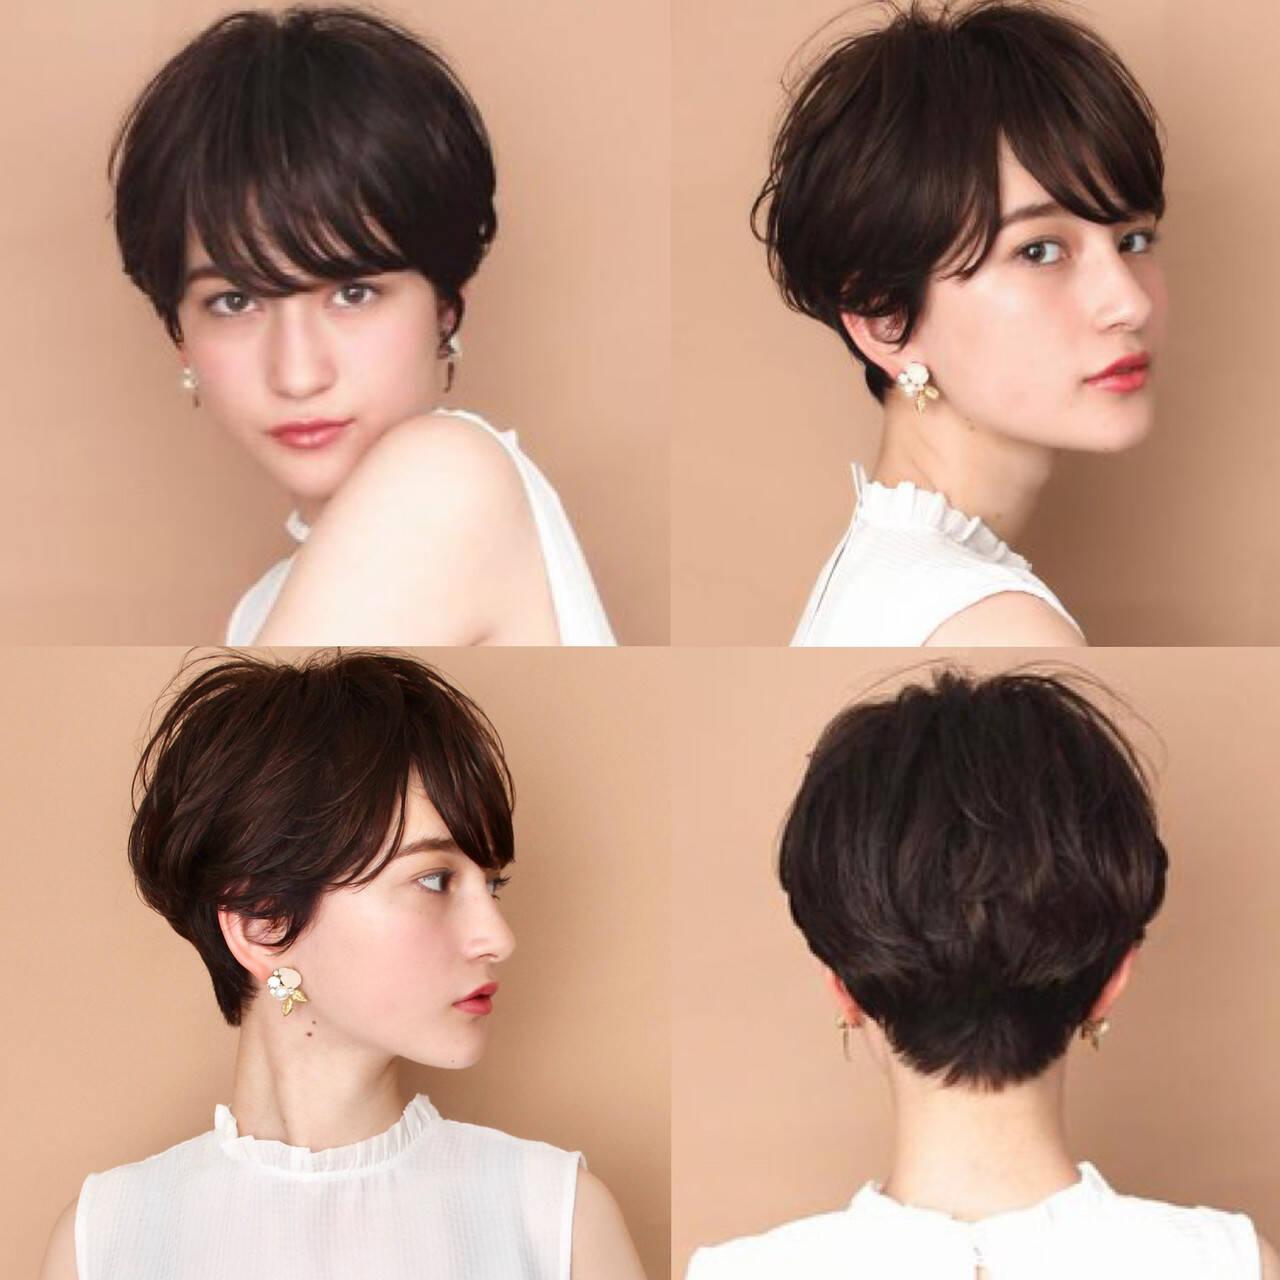 モード ベリーショート ショートボブ ショートヘアスタイルや髪型の写真・画像